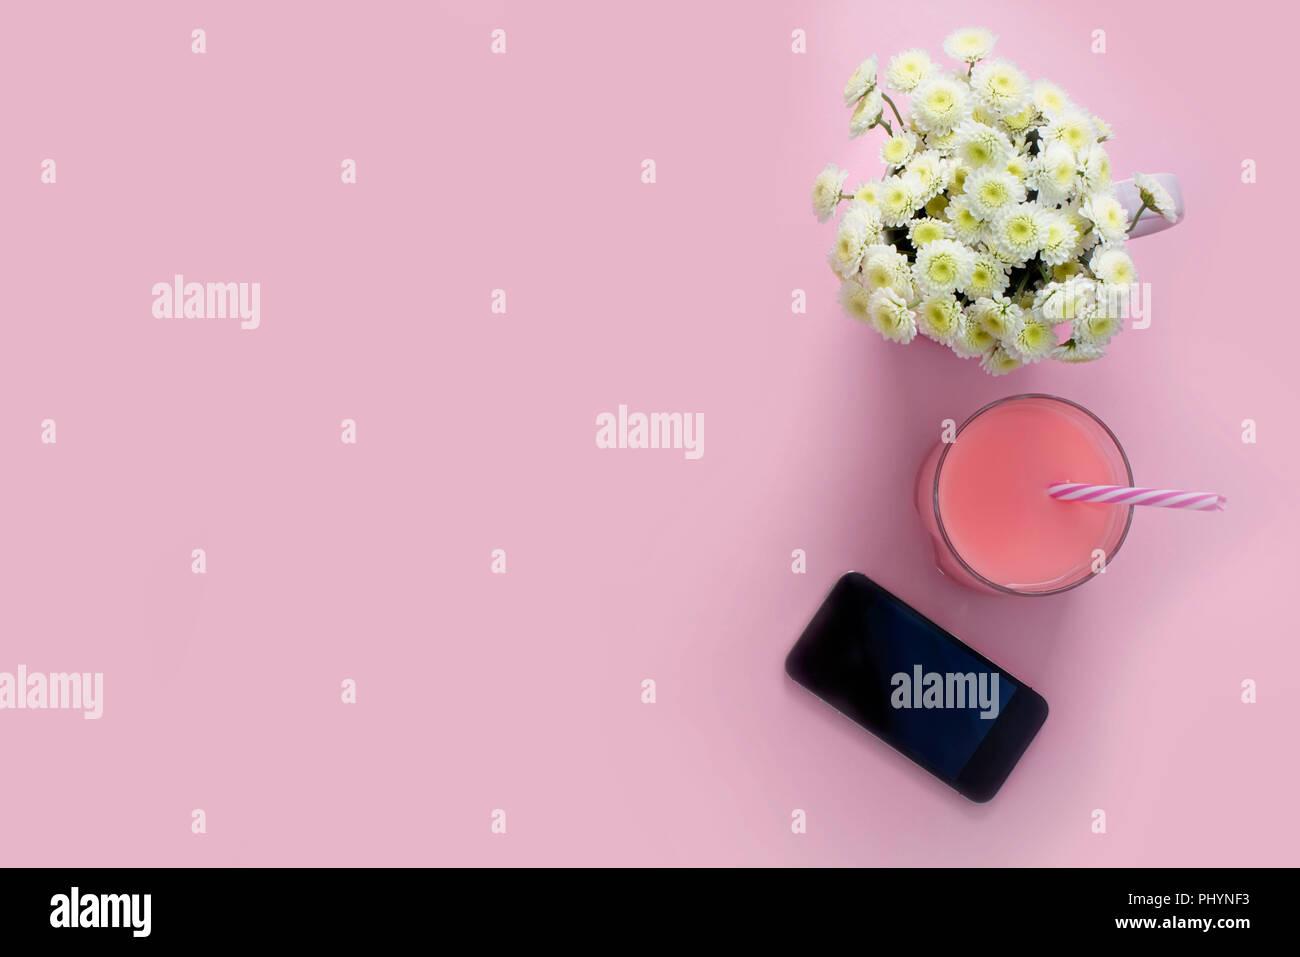 Composizione Laici Piatto Sfondo Rosa Cellulare Fiori Crisantemo